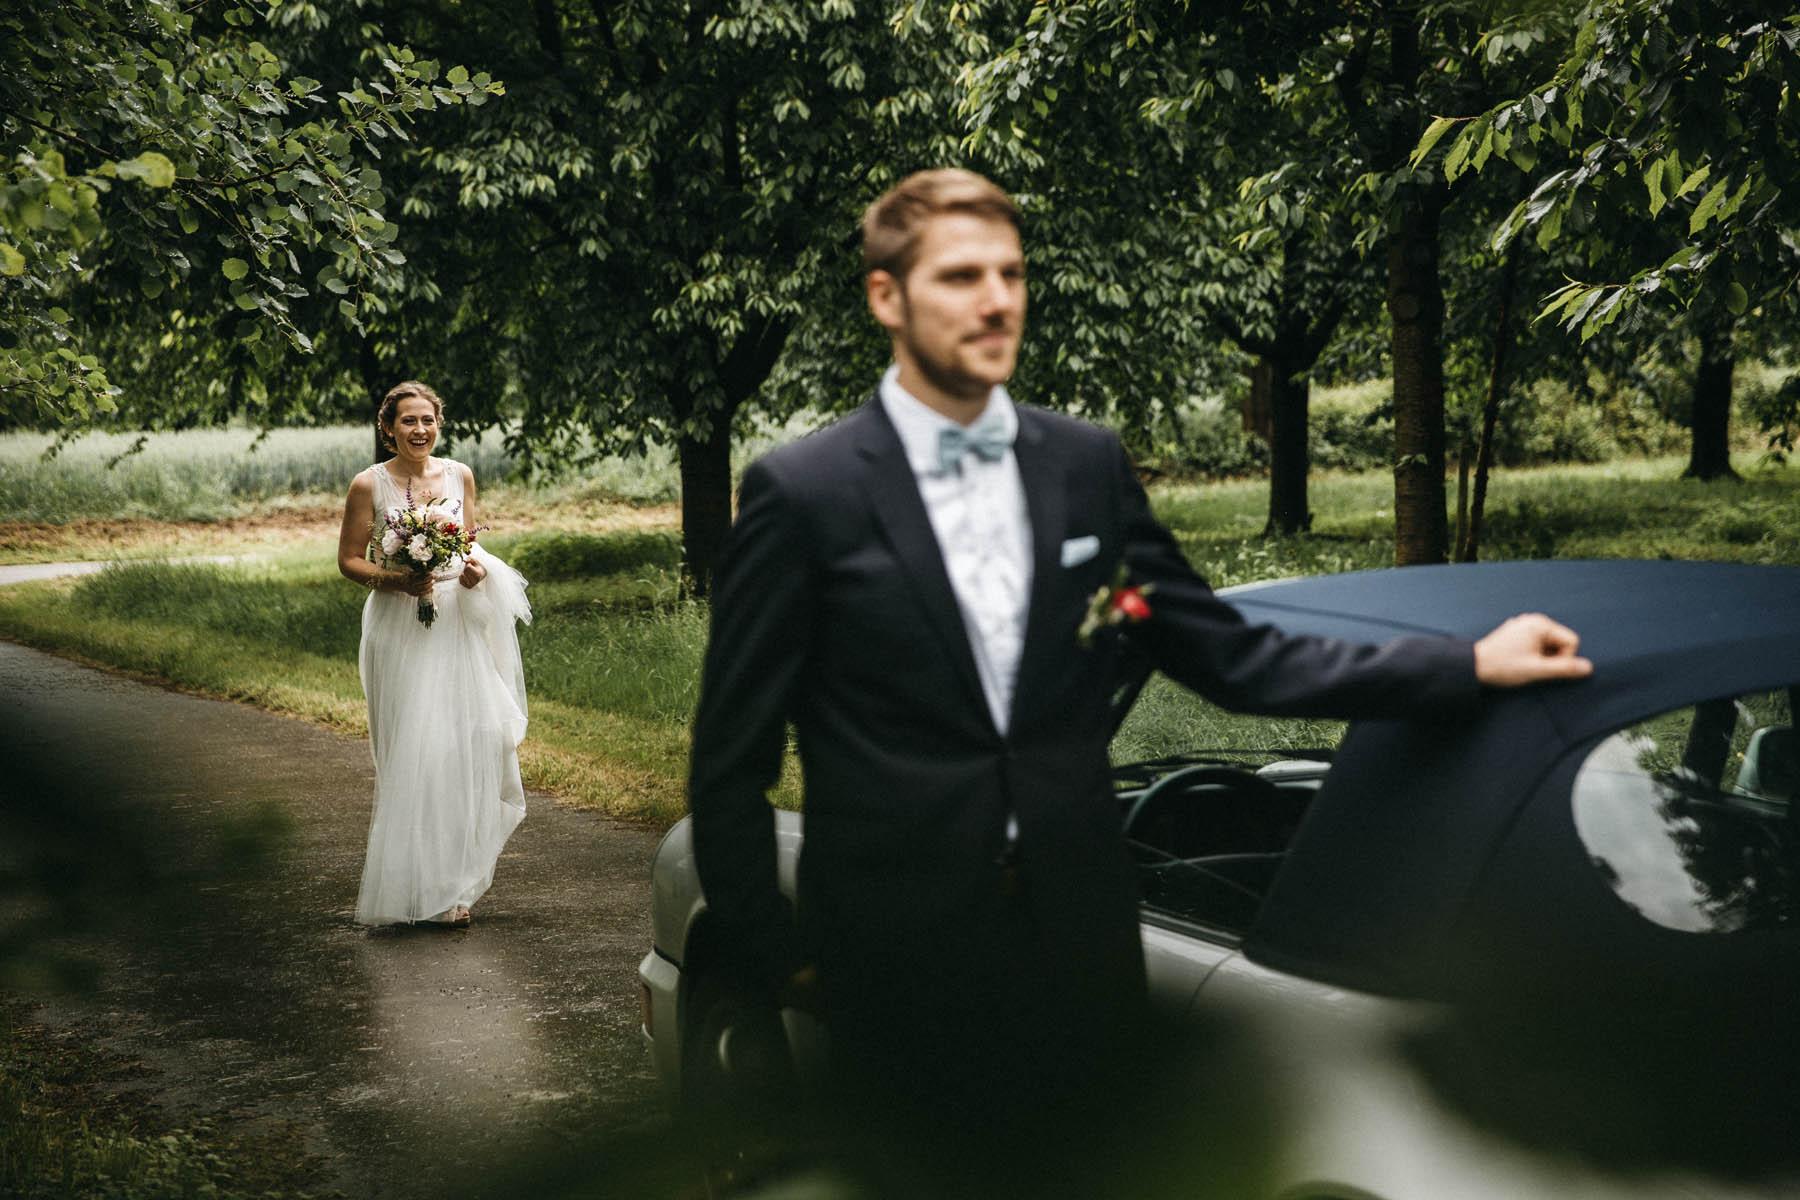 First Look Moment im Schwwarzwald - Raissa + Simon Fotografie